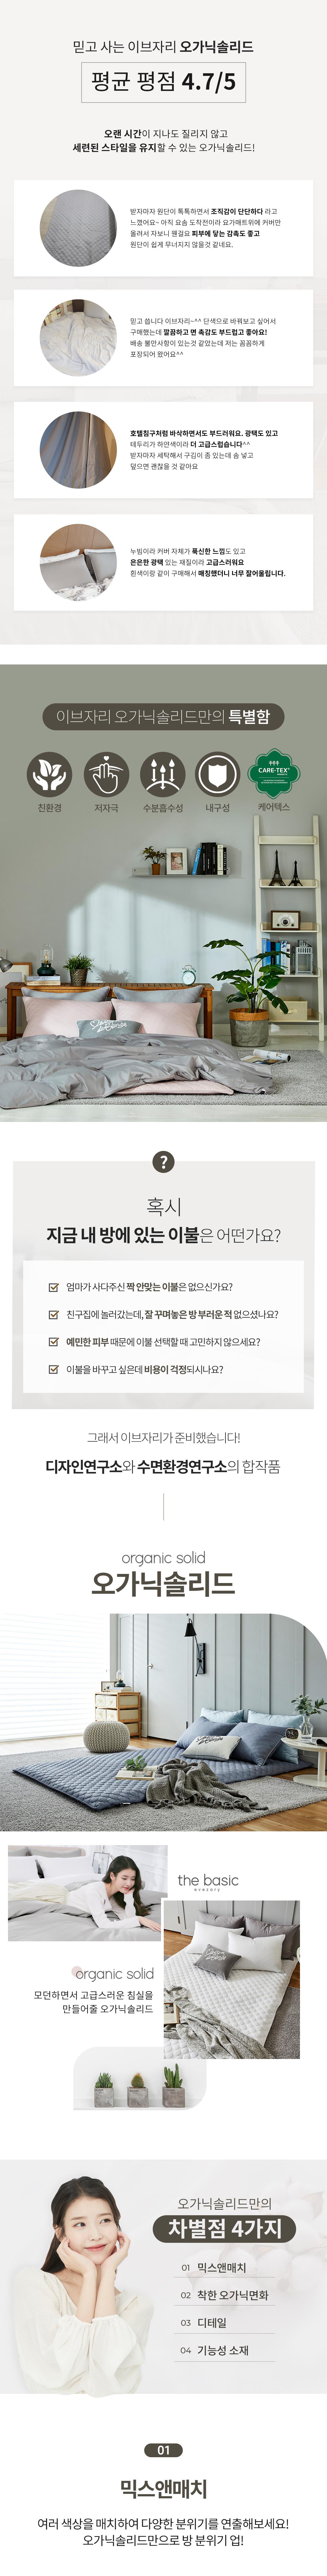 21HS리뉴얼_오가닉솔리드-요커1(수정)_02.jpg